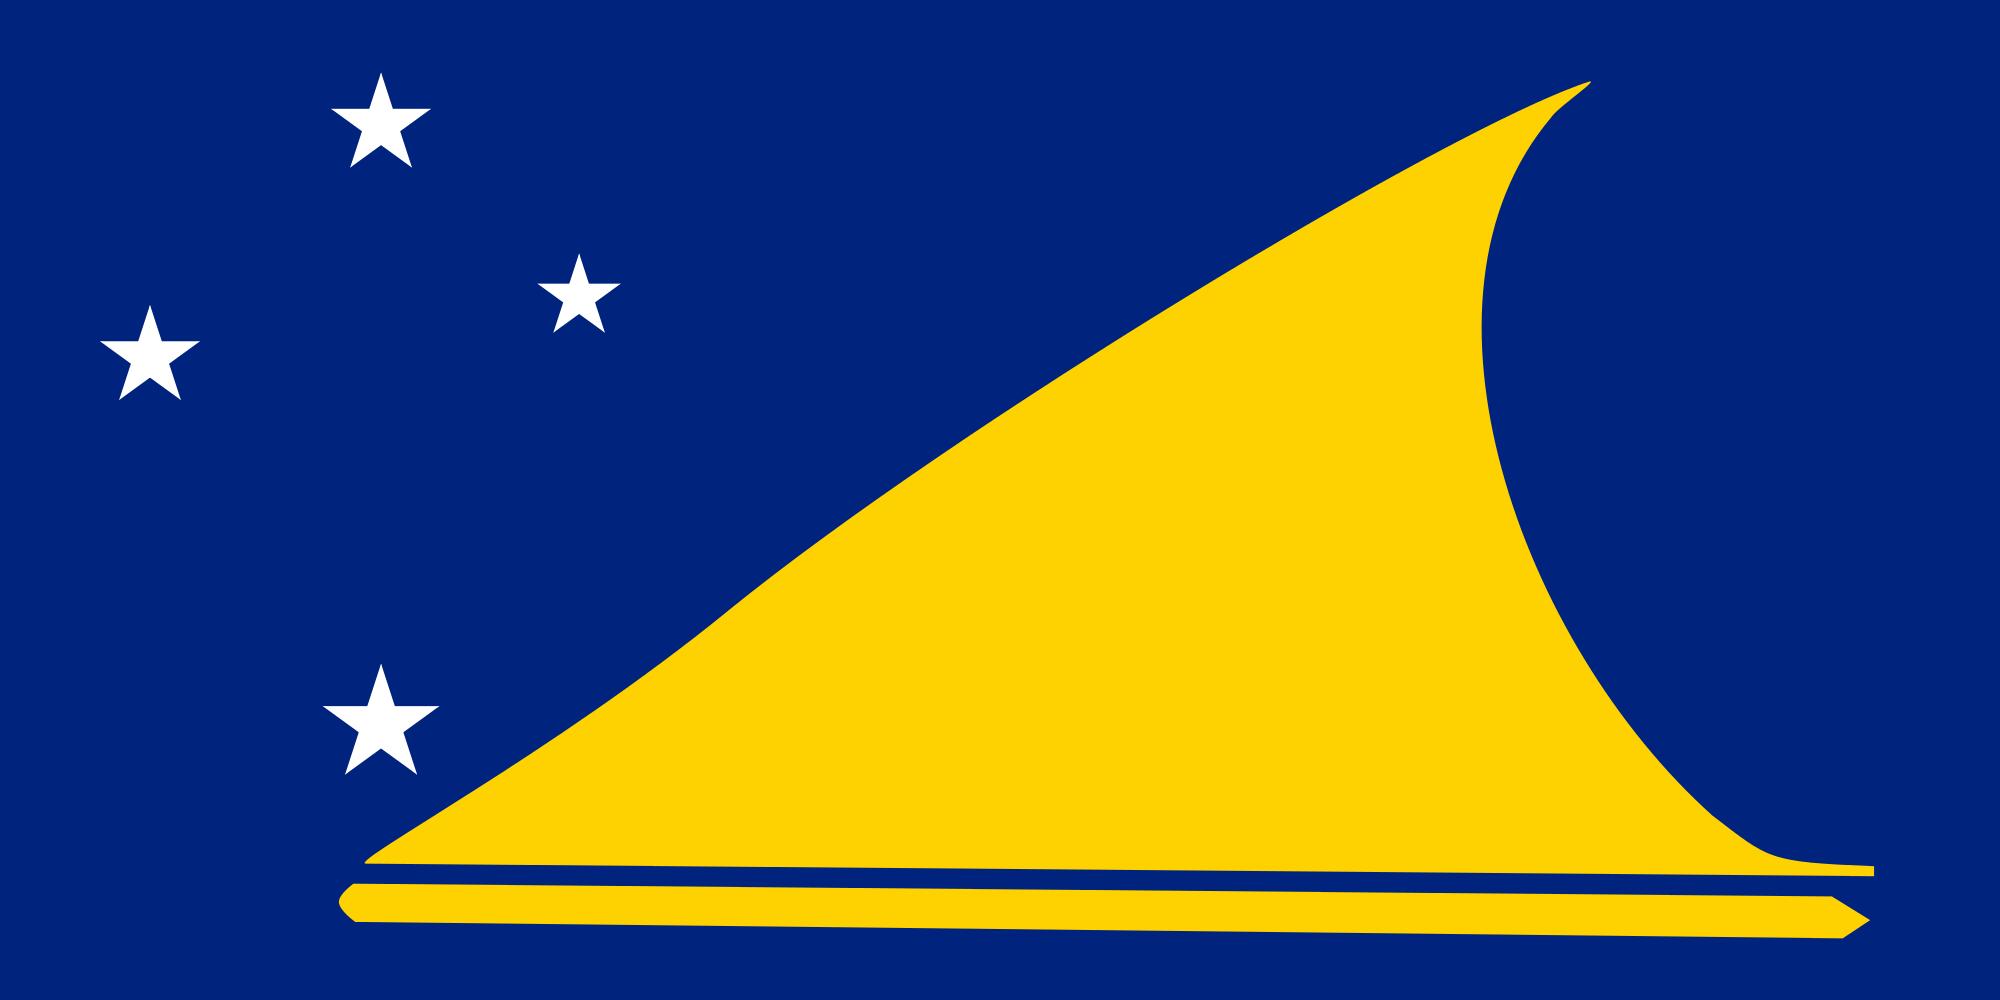 tokelau, pays, emblème, logo, symbole - Fonds d'écran HD - Professor-falken.com